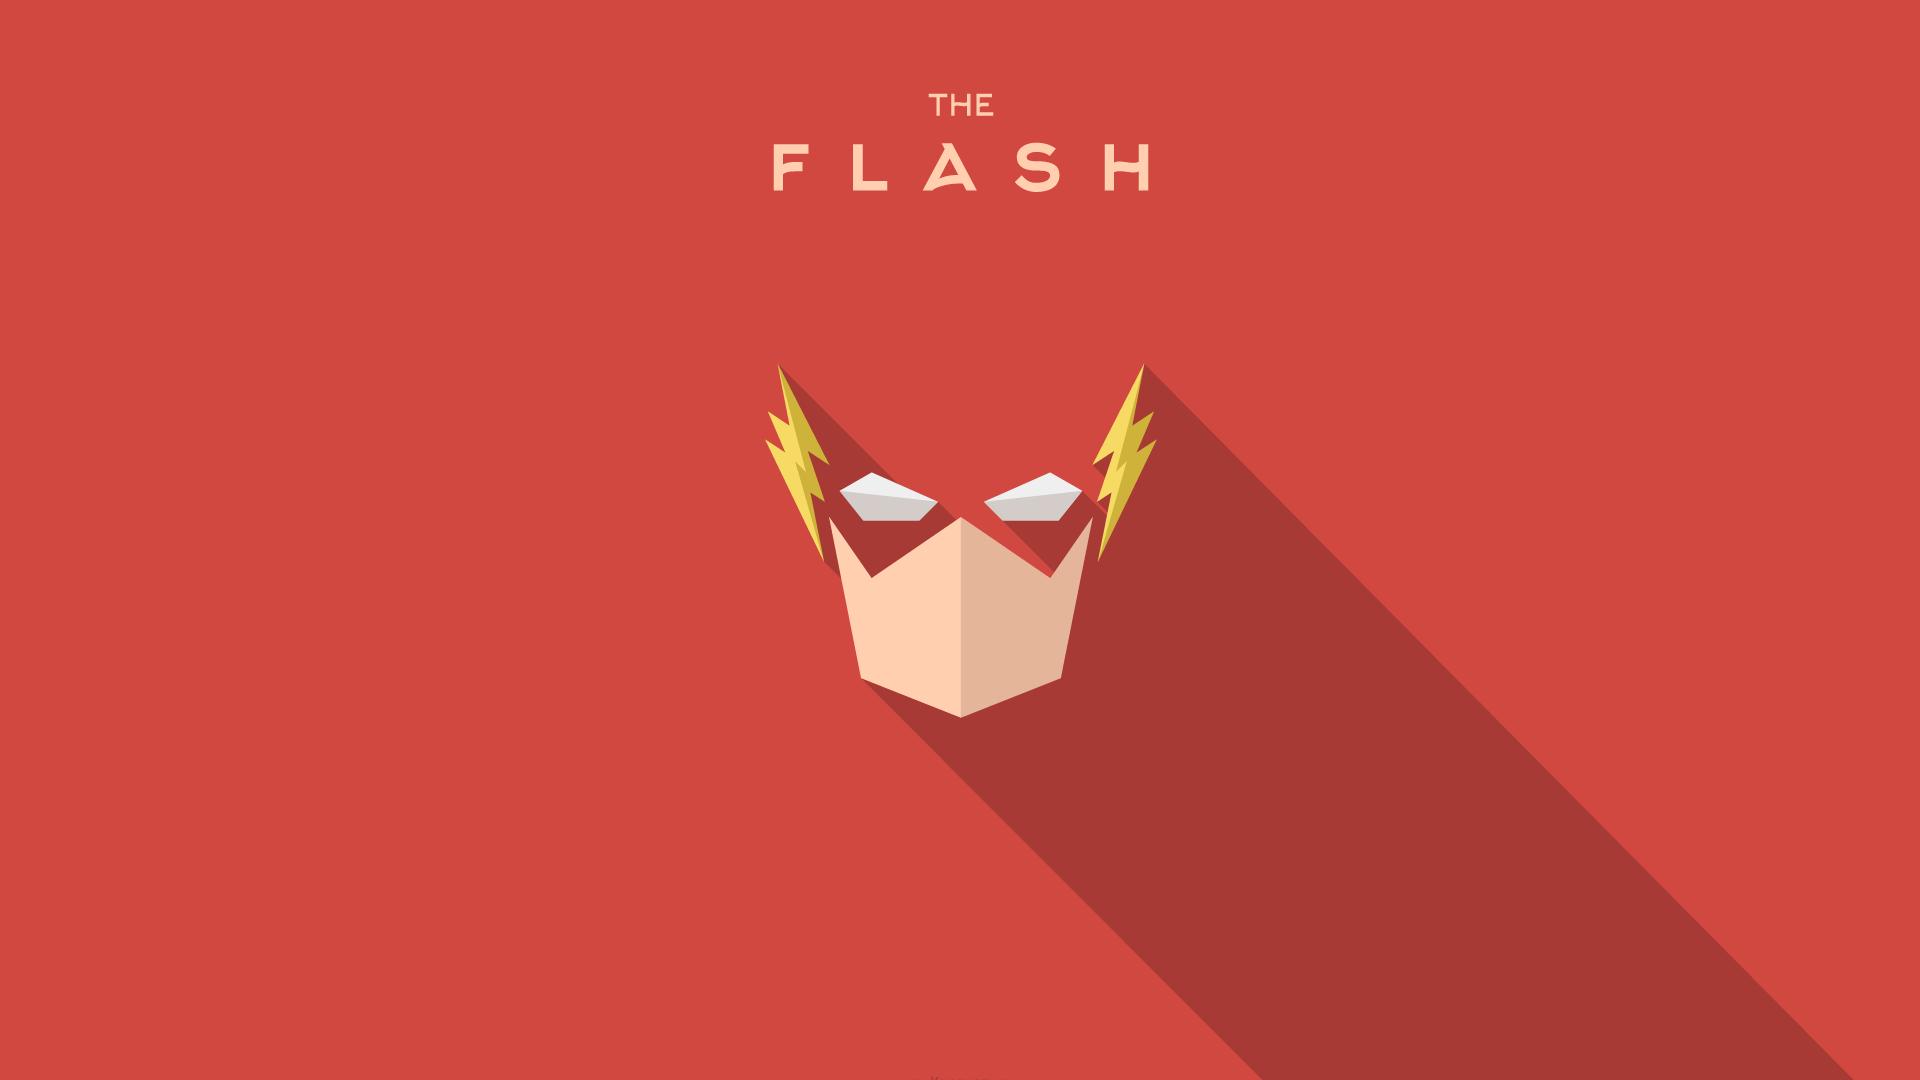 Fond d 39 cran illustration rouge texte logo drapeau h ros super h ros flash le flash - Flash le super heros ...